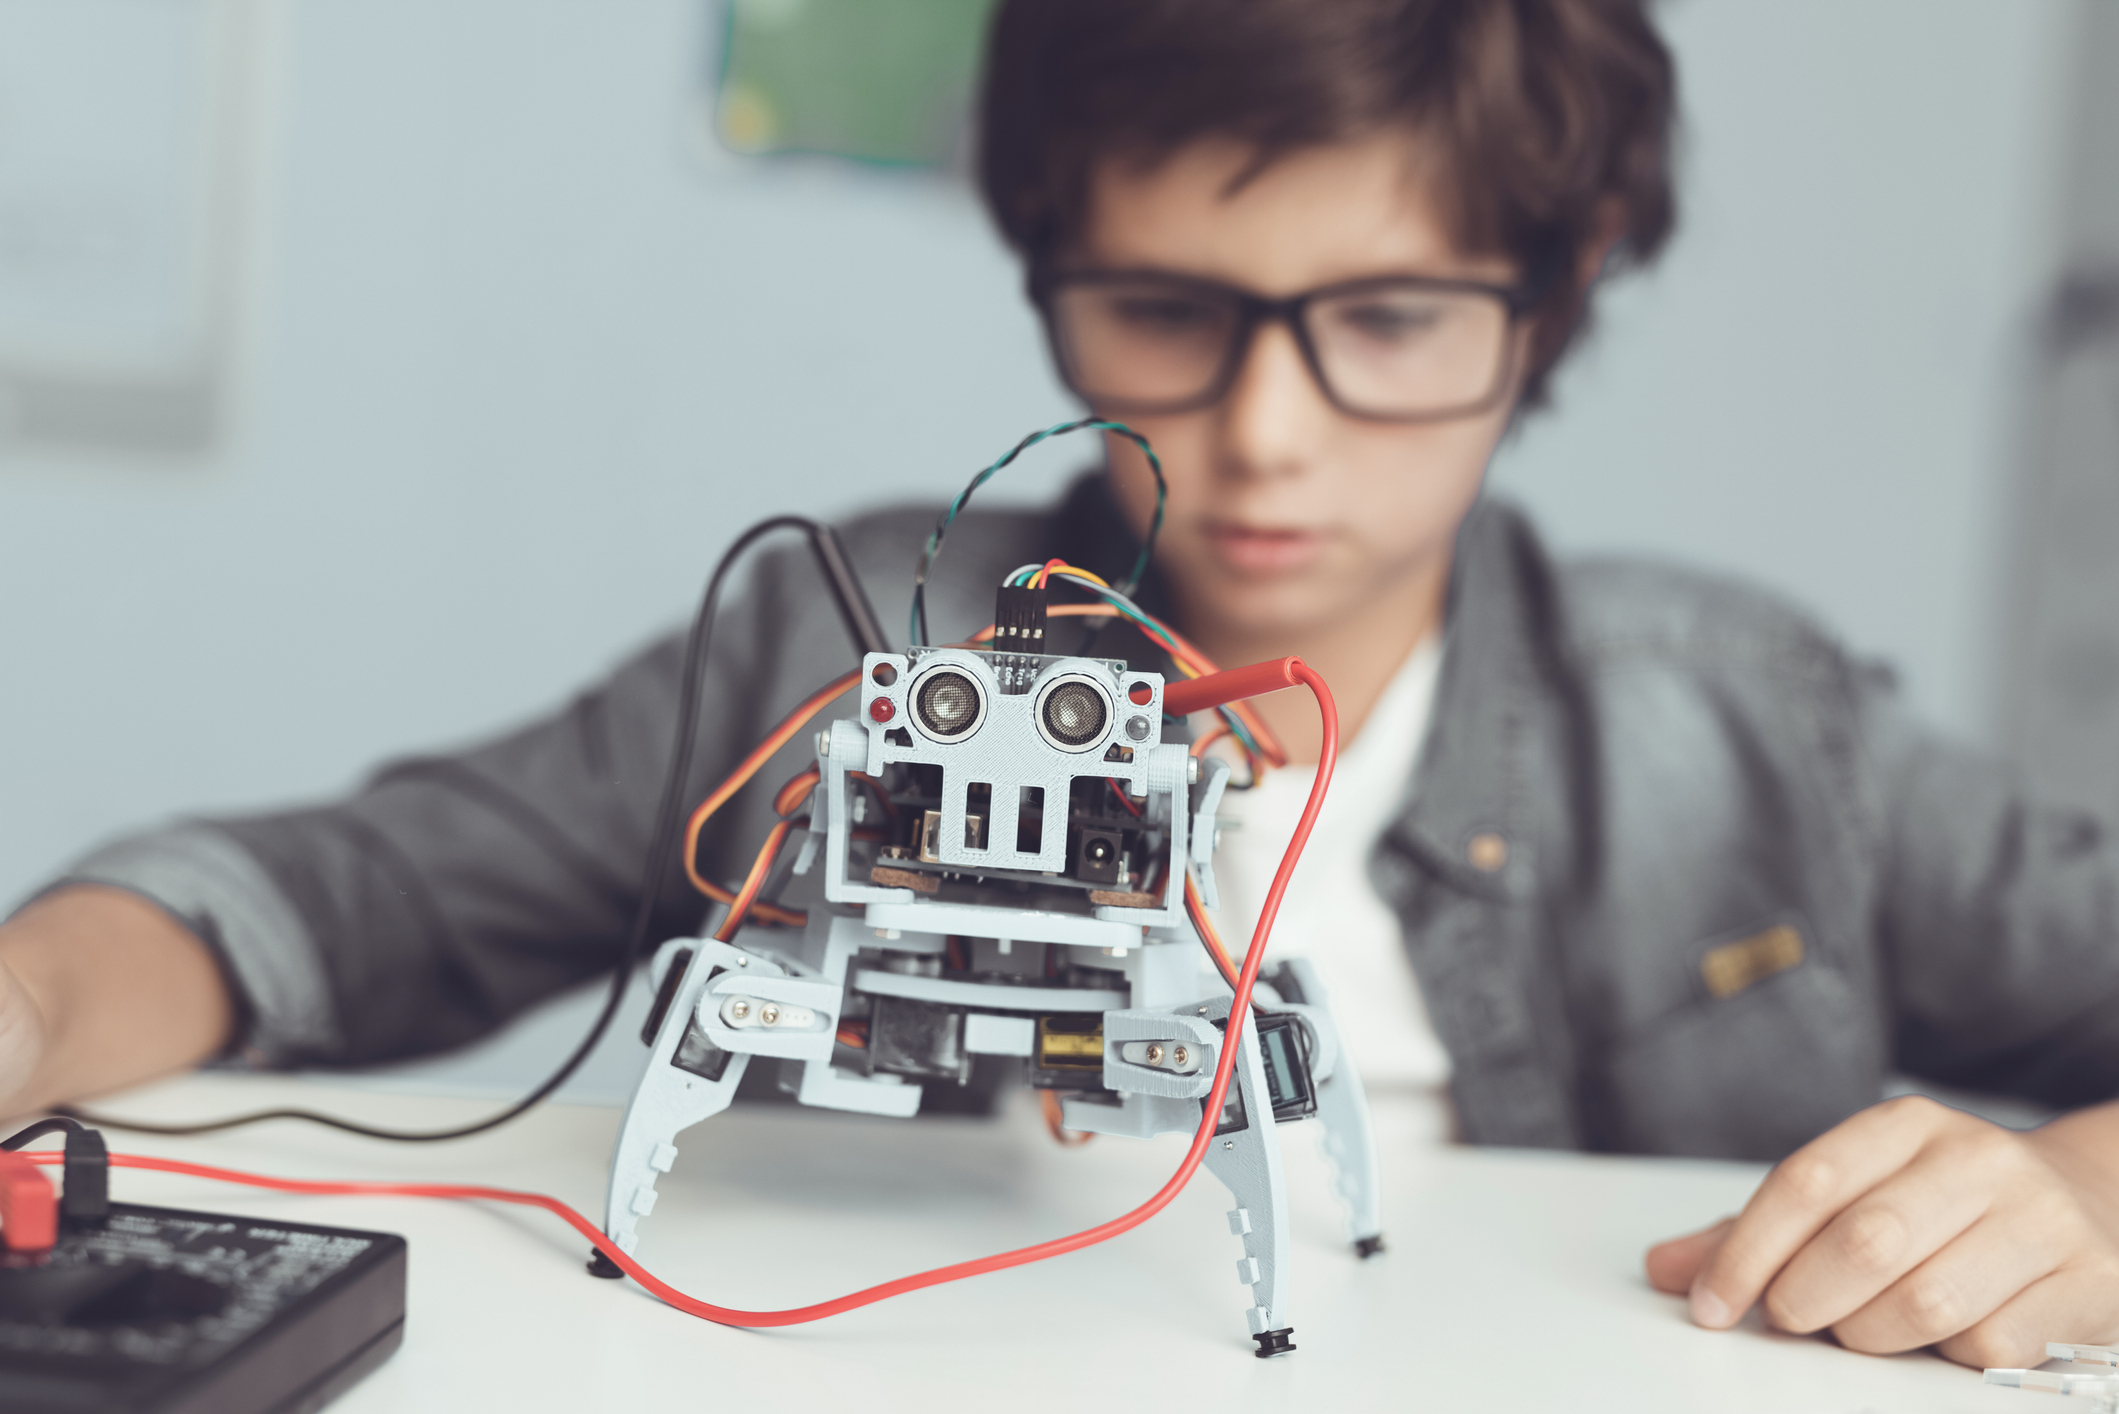 Entenda como a inteligência artificial pode contribuir para o aprendizado